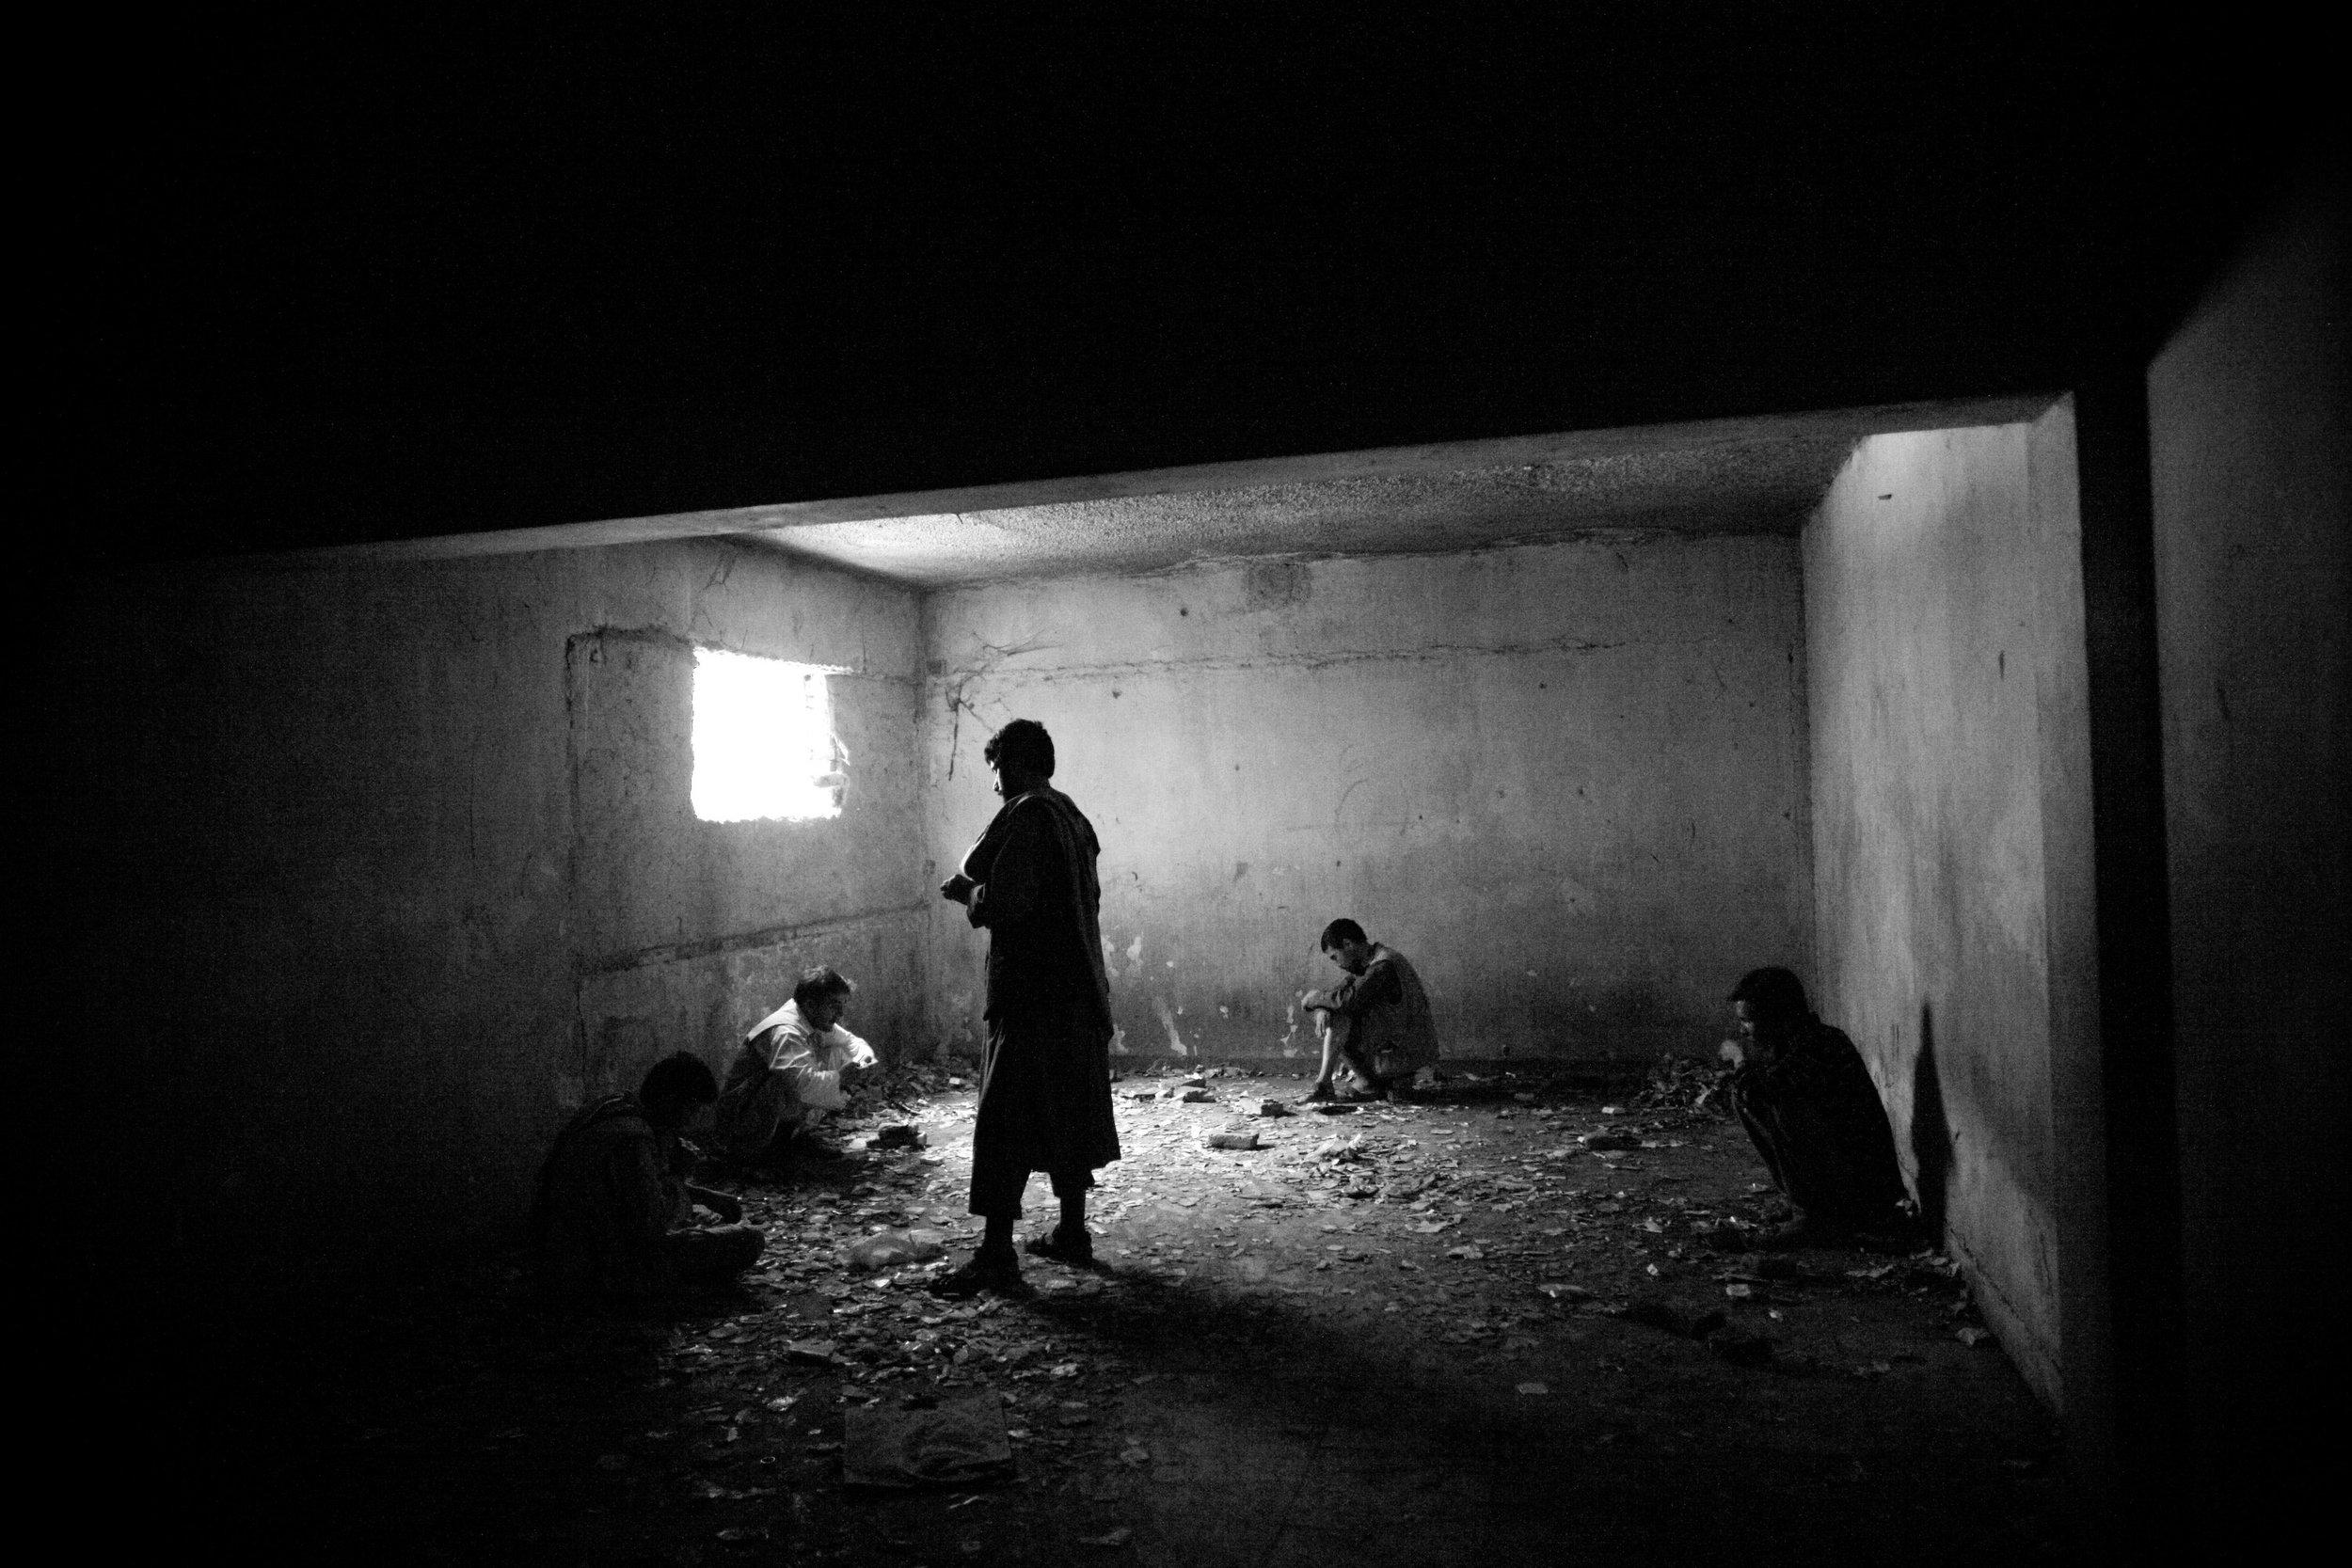 Ruben-Terlou---Afghanistan29-web.jpg